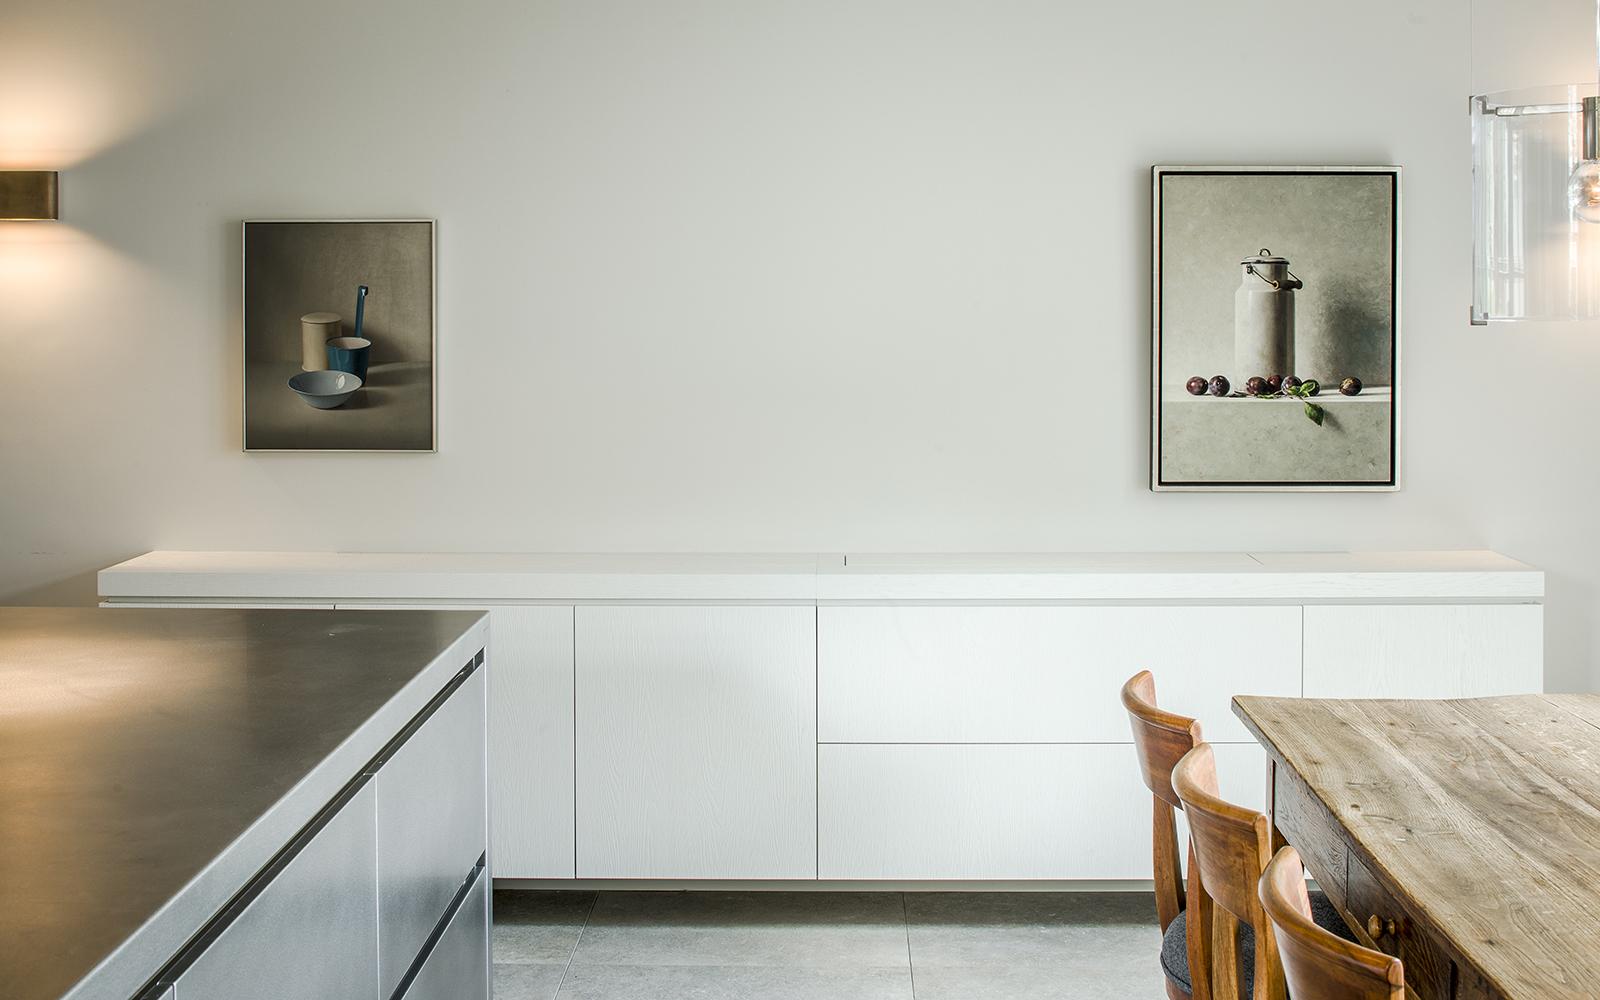 Interieur Strak Klassiek : Stijl luxury living houweling interieur eigentijds klassieke